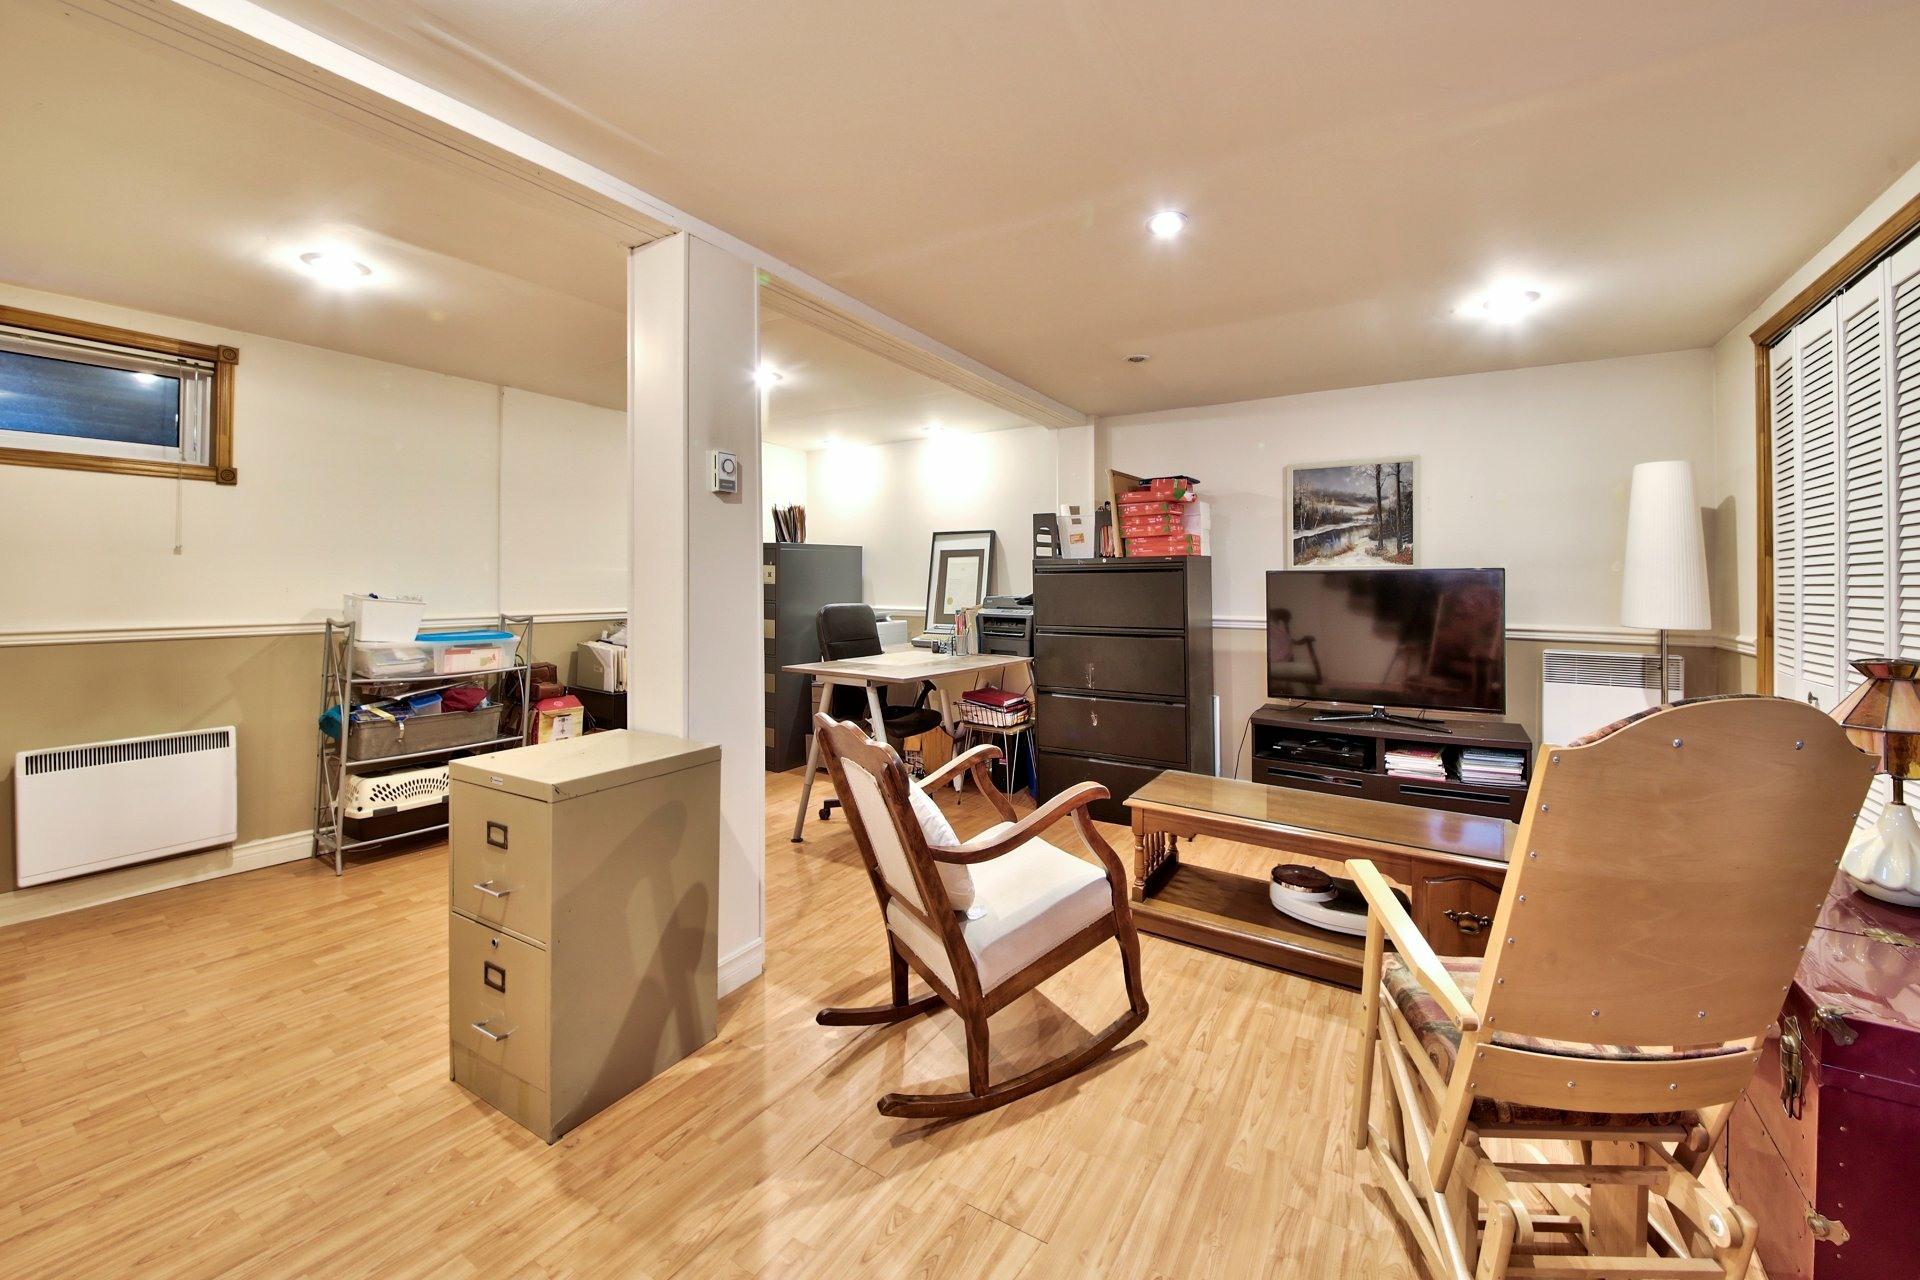 image 18 - Maison À vendre Sainte-Rose Laval  - 7 pièces